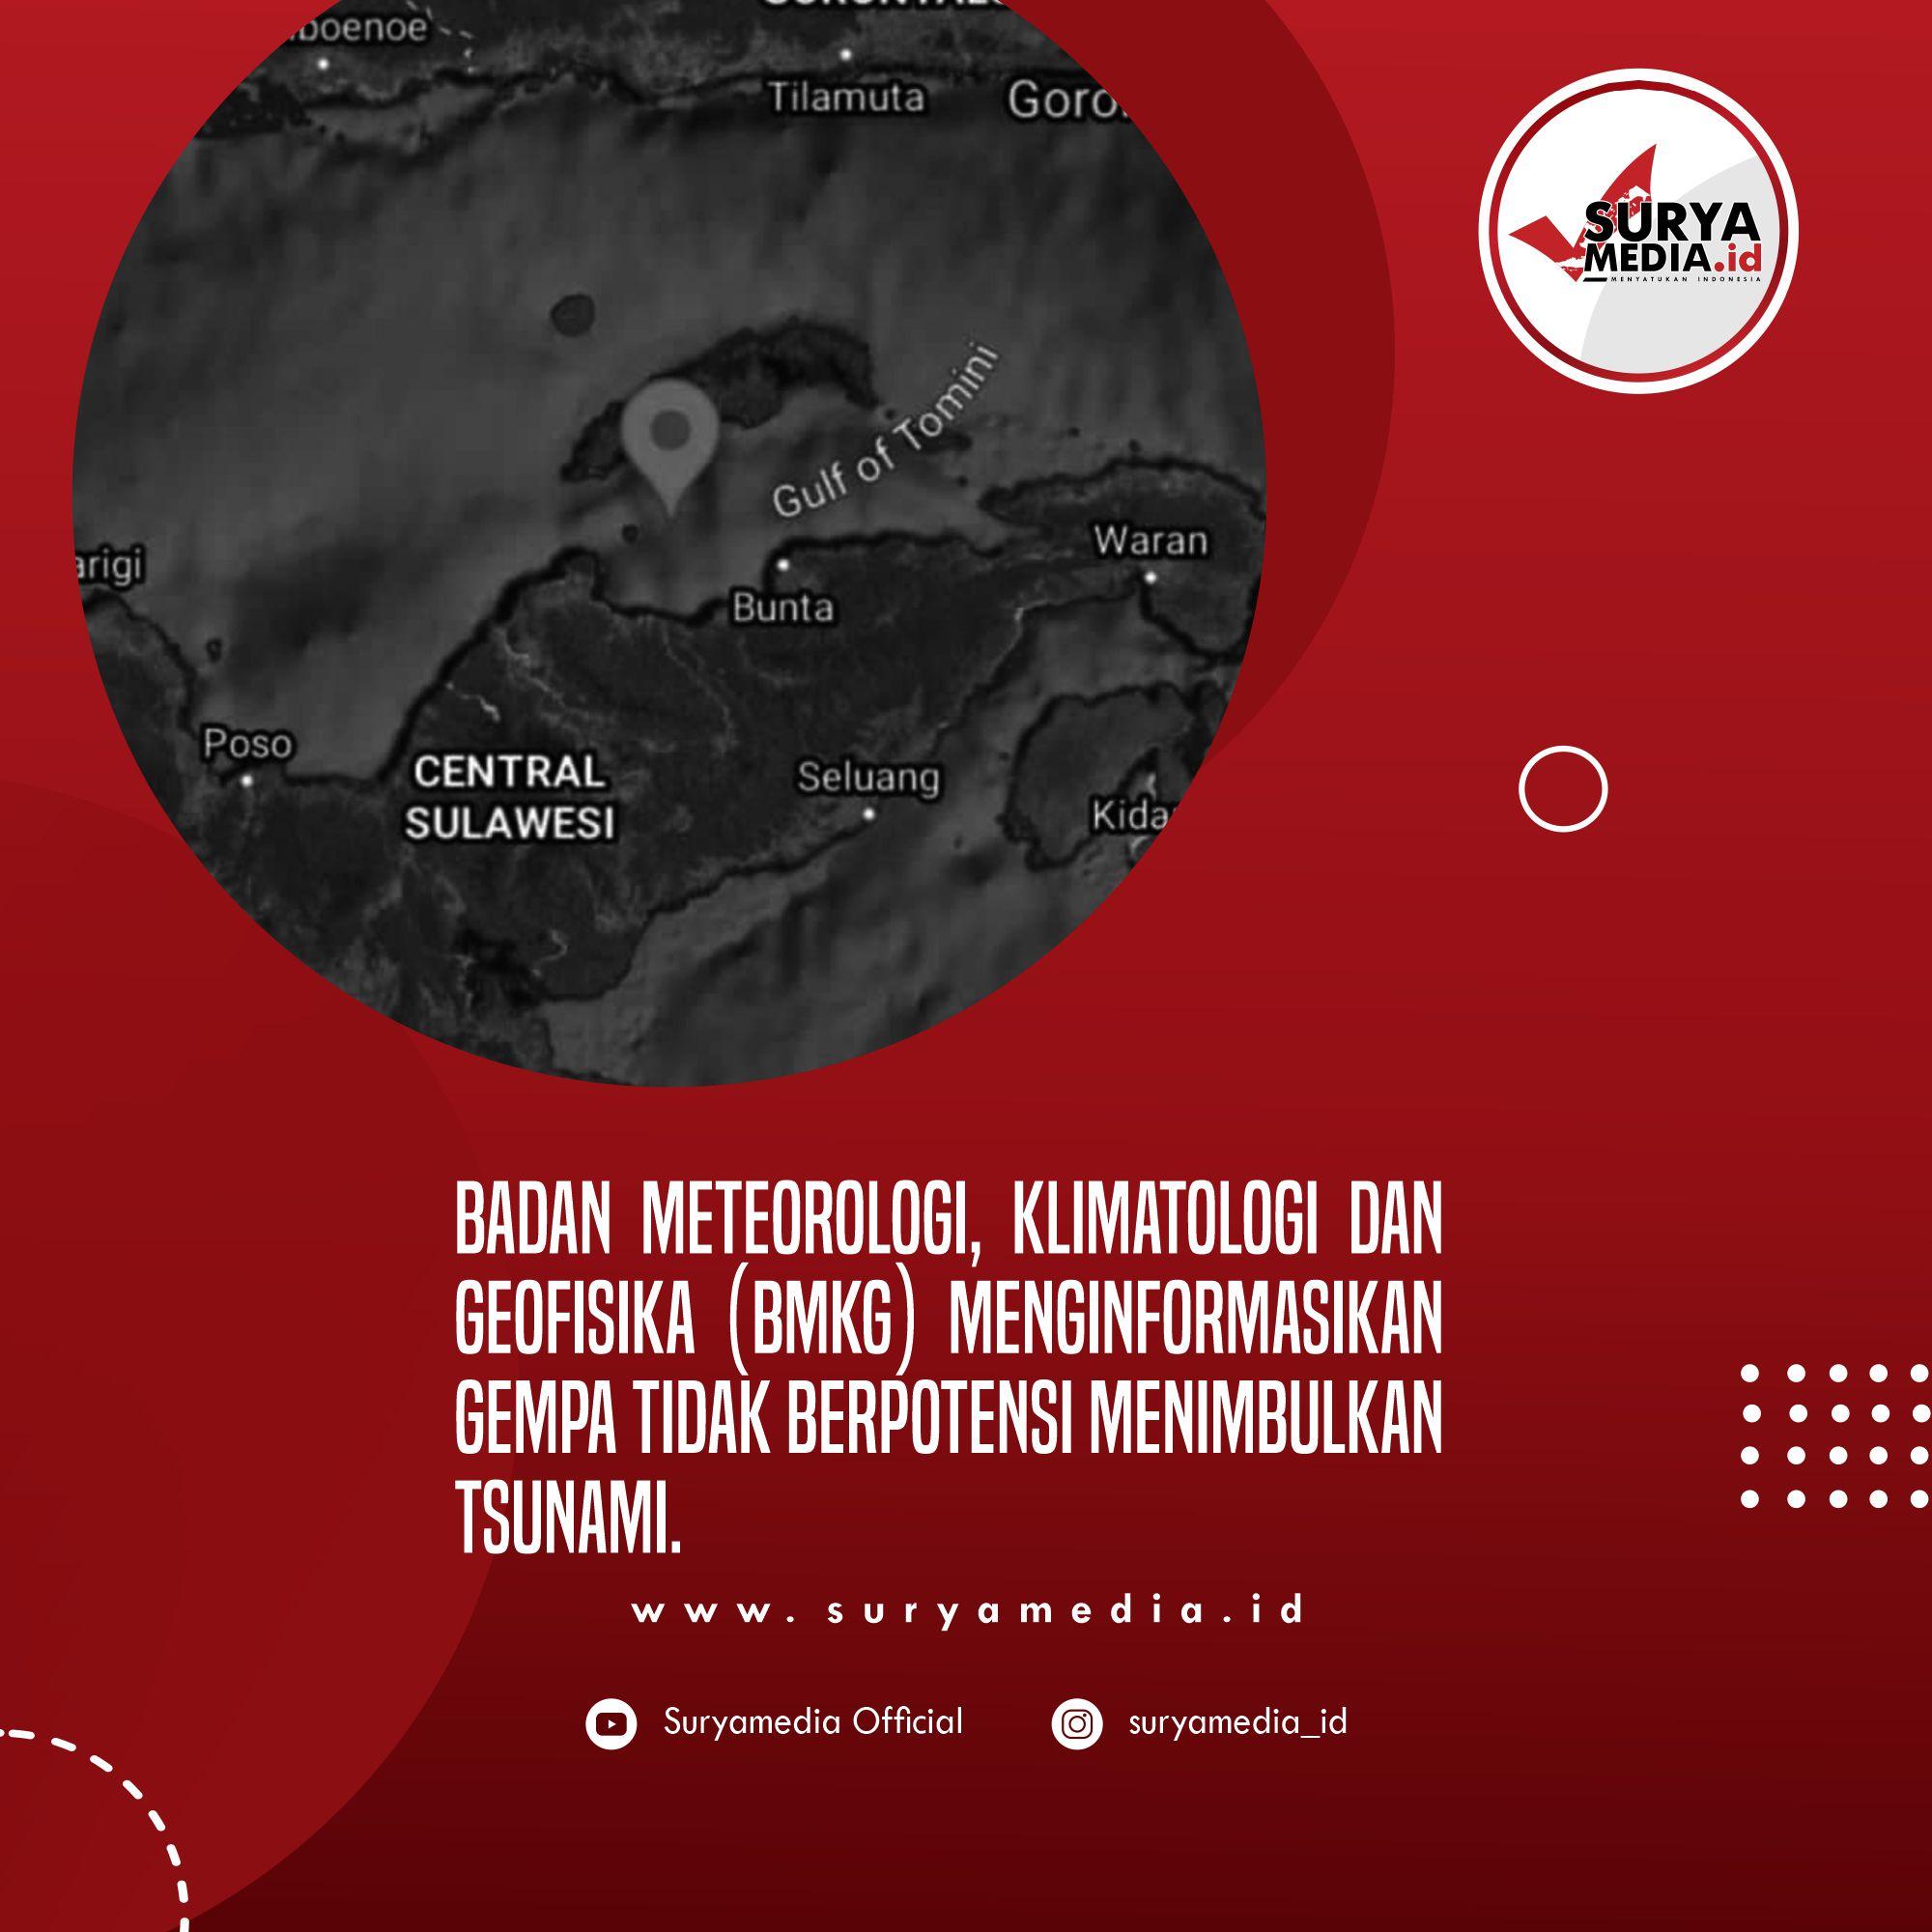 Gempa Berkekuatan M6,5 Guncang Tojo Una-Una, Warga Mengungsi ke Gunung